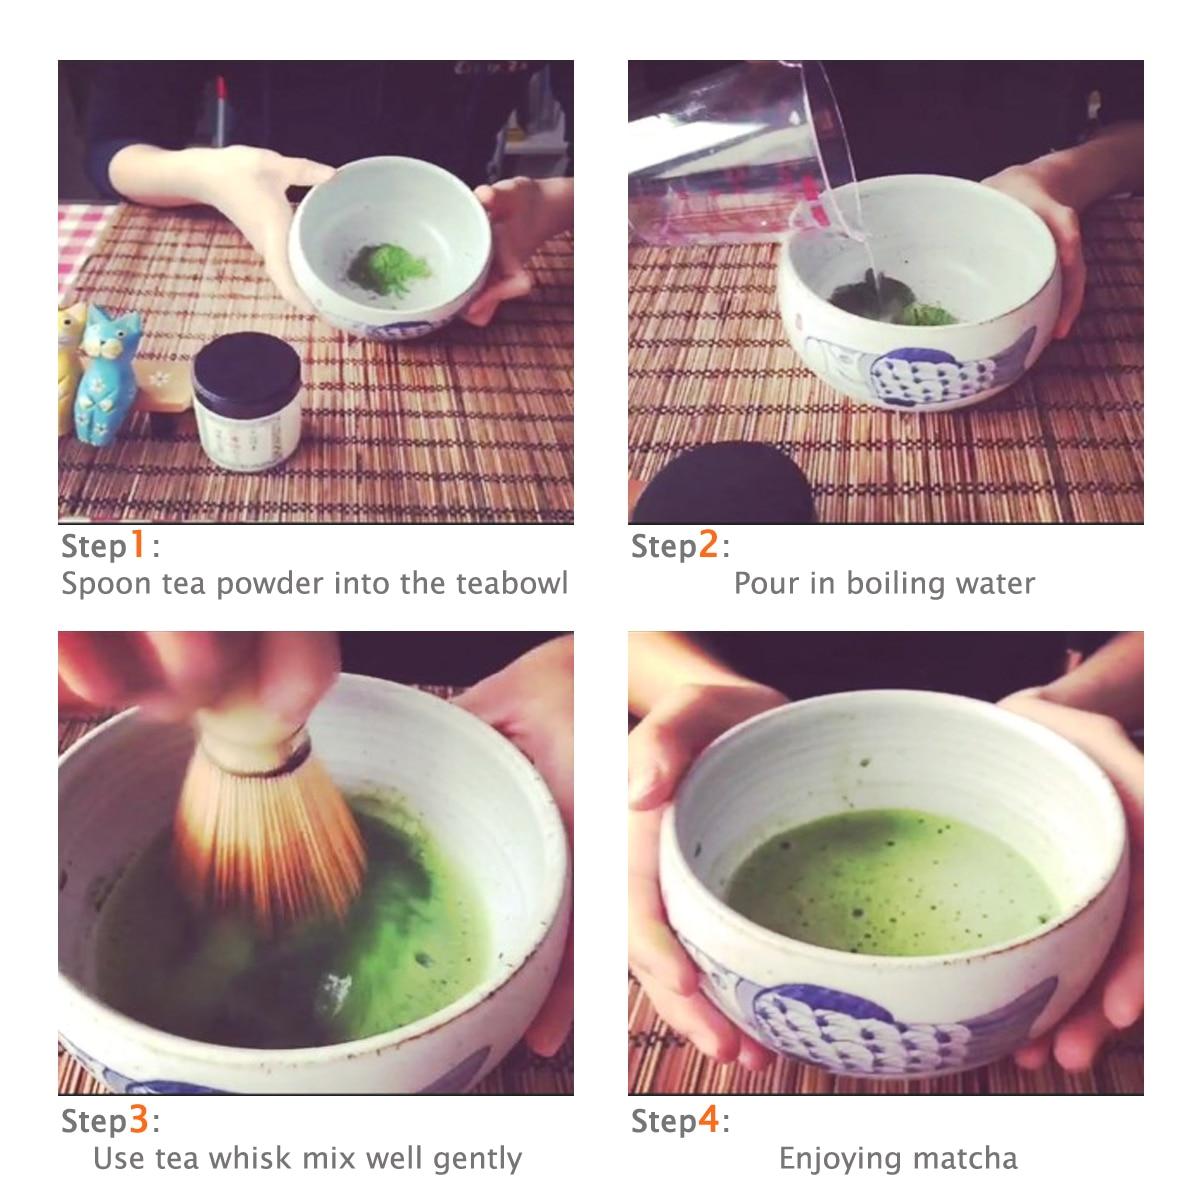 chasen batedor de matcha chashaku vasilha de chá matcha em casa acessórios